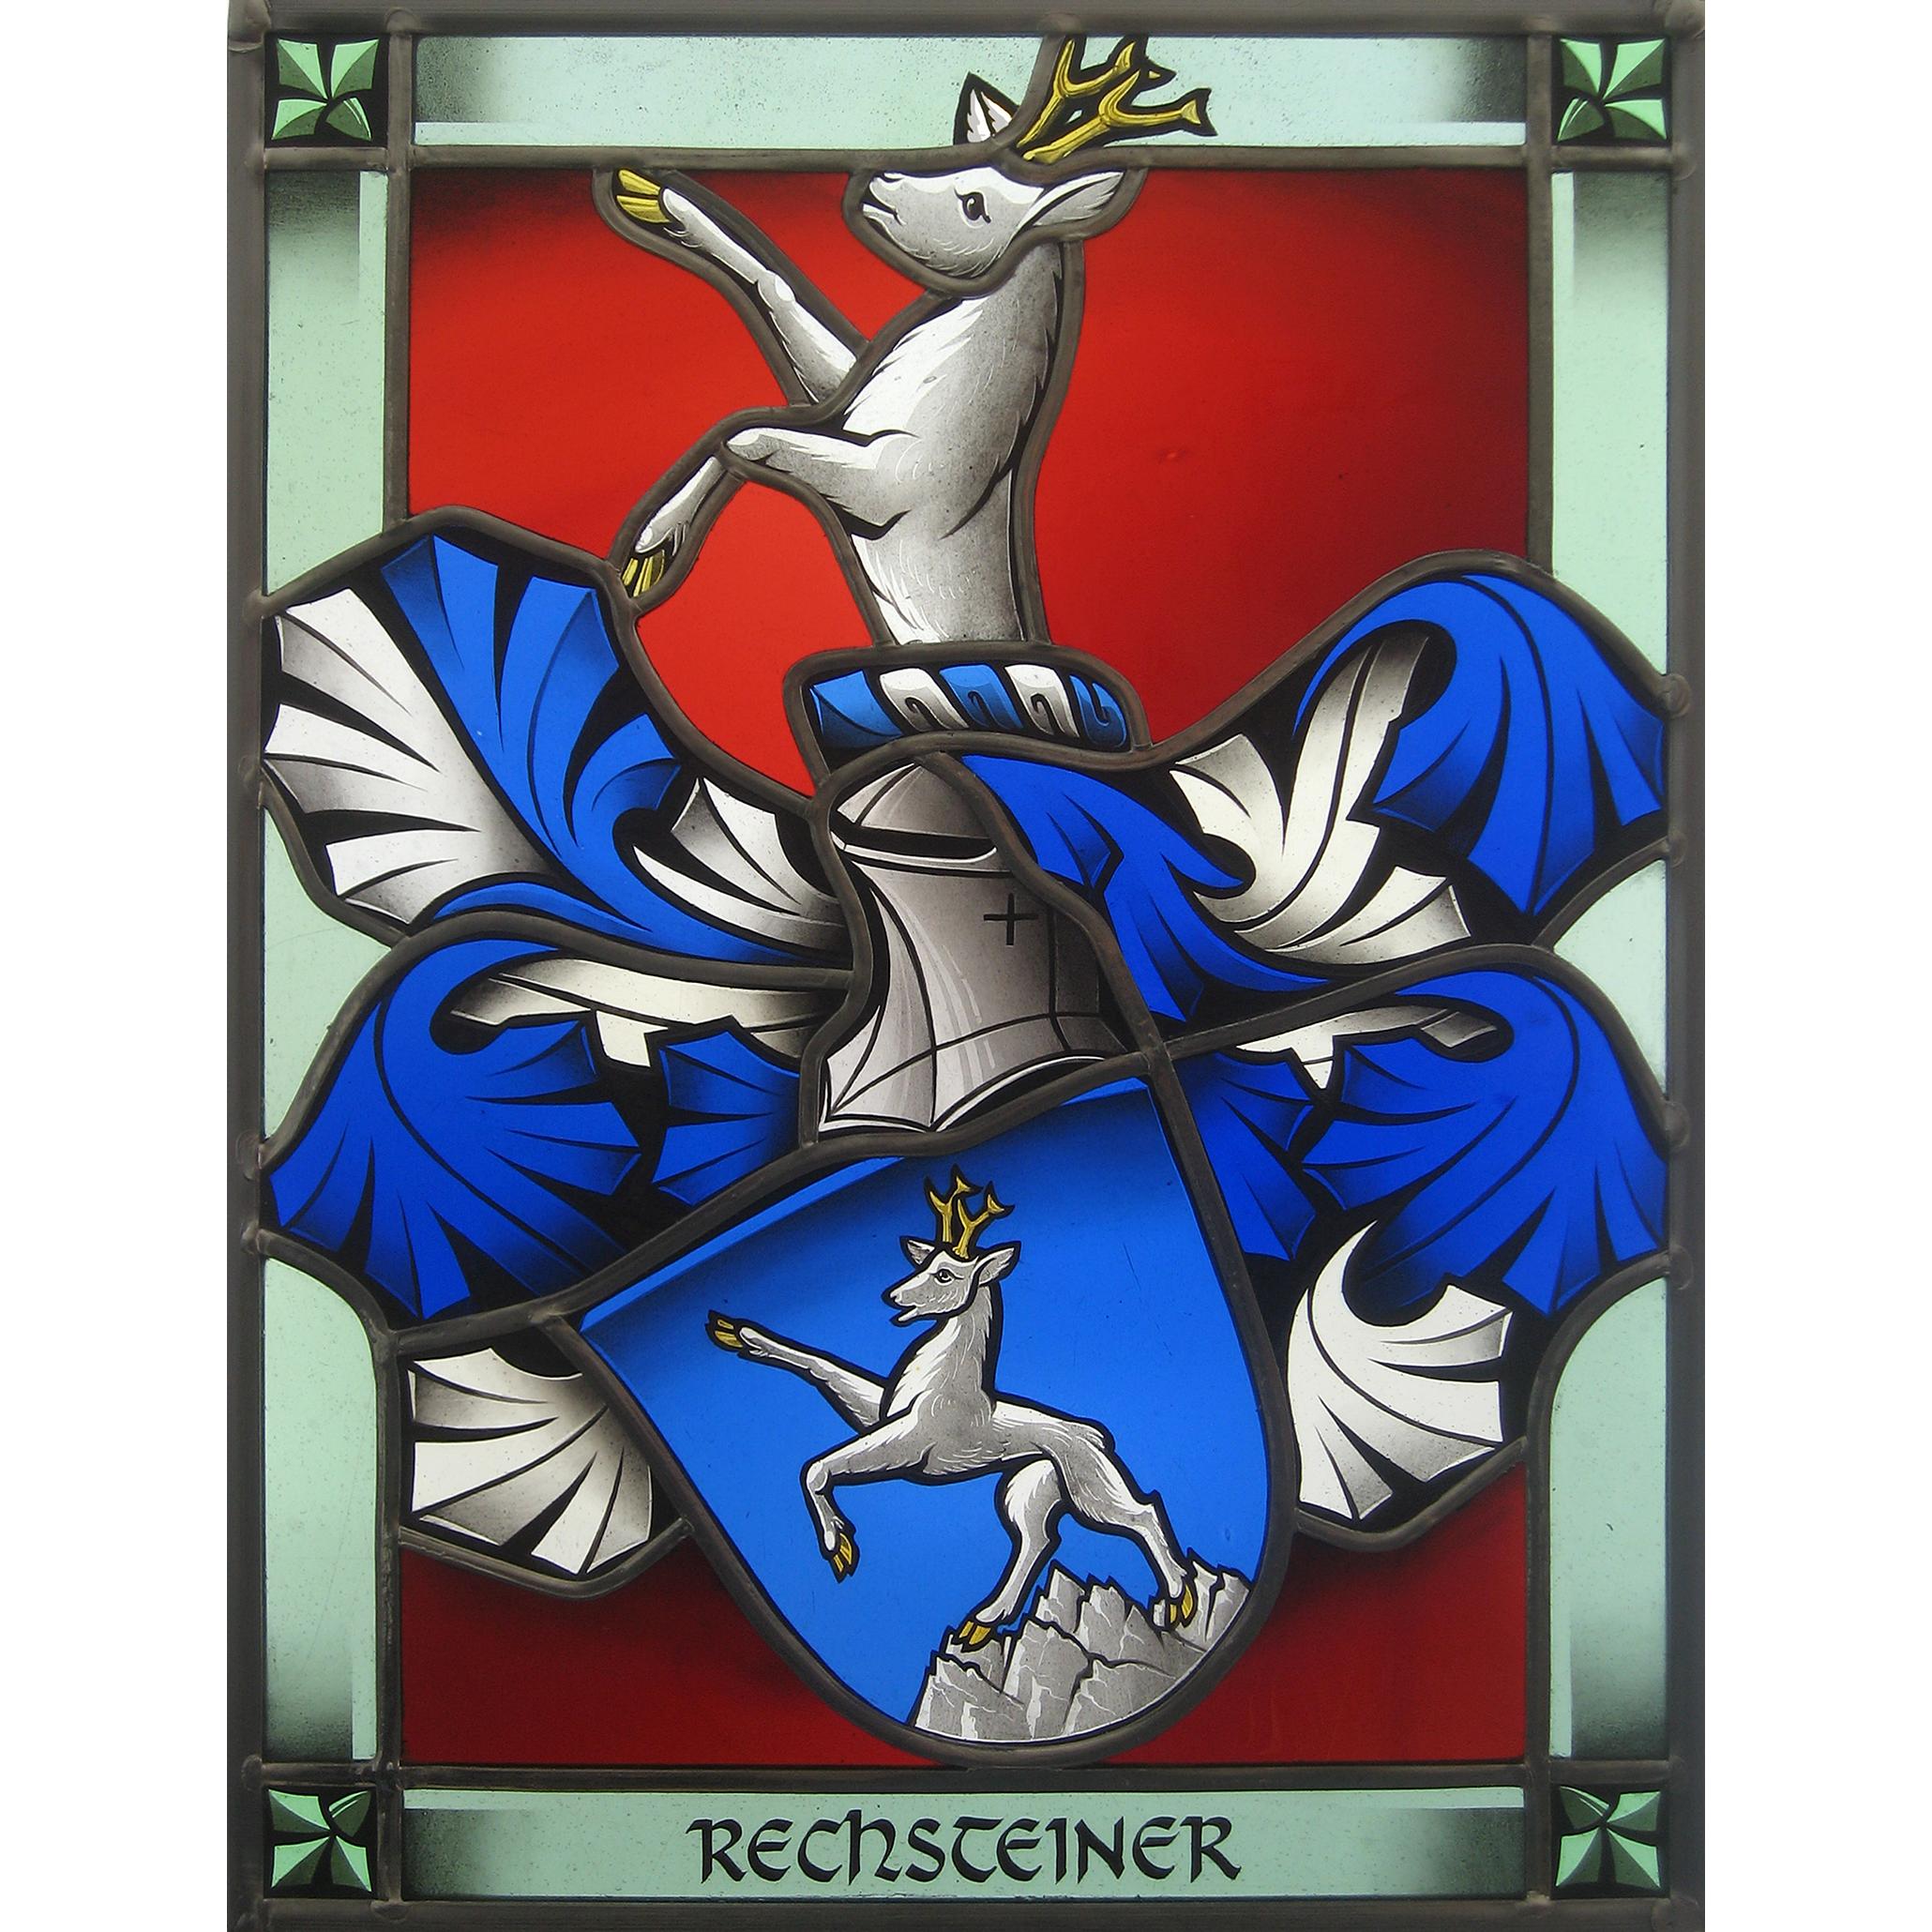 Glasmalerei-Bleiverglasung-Wappenscheibe-Heraldik